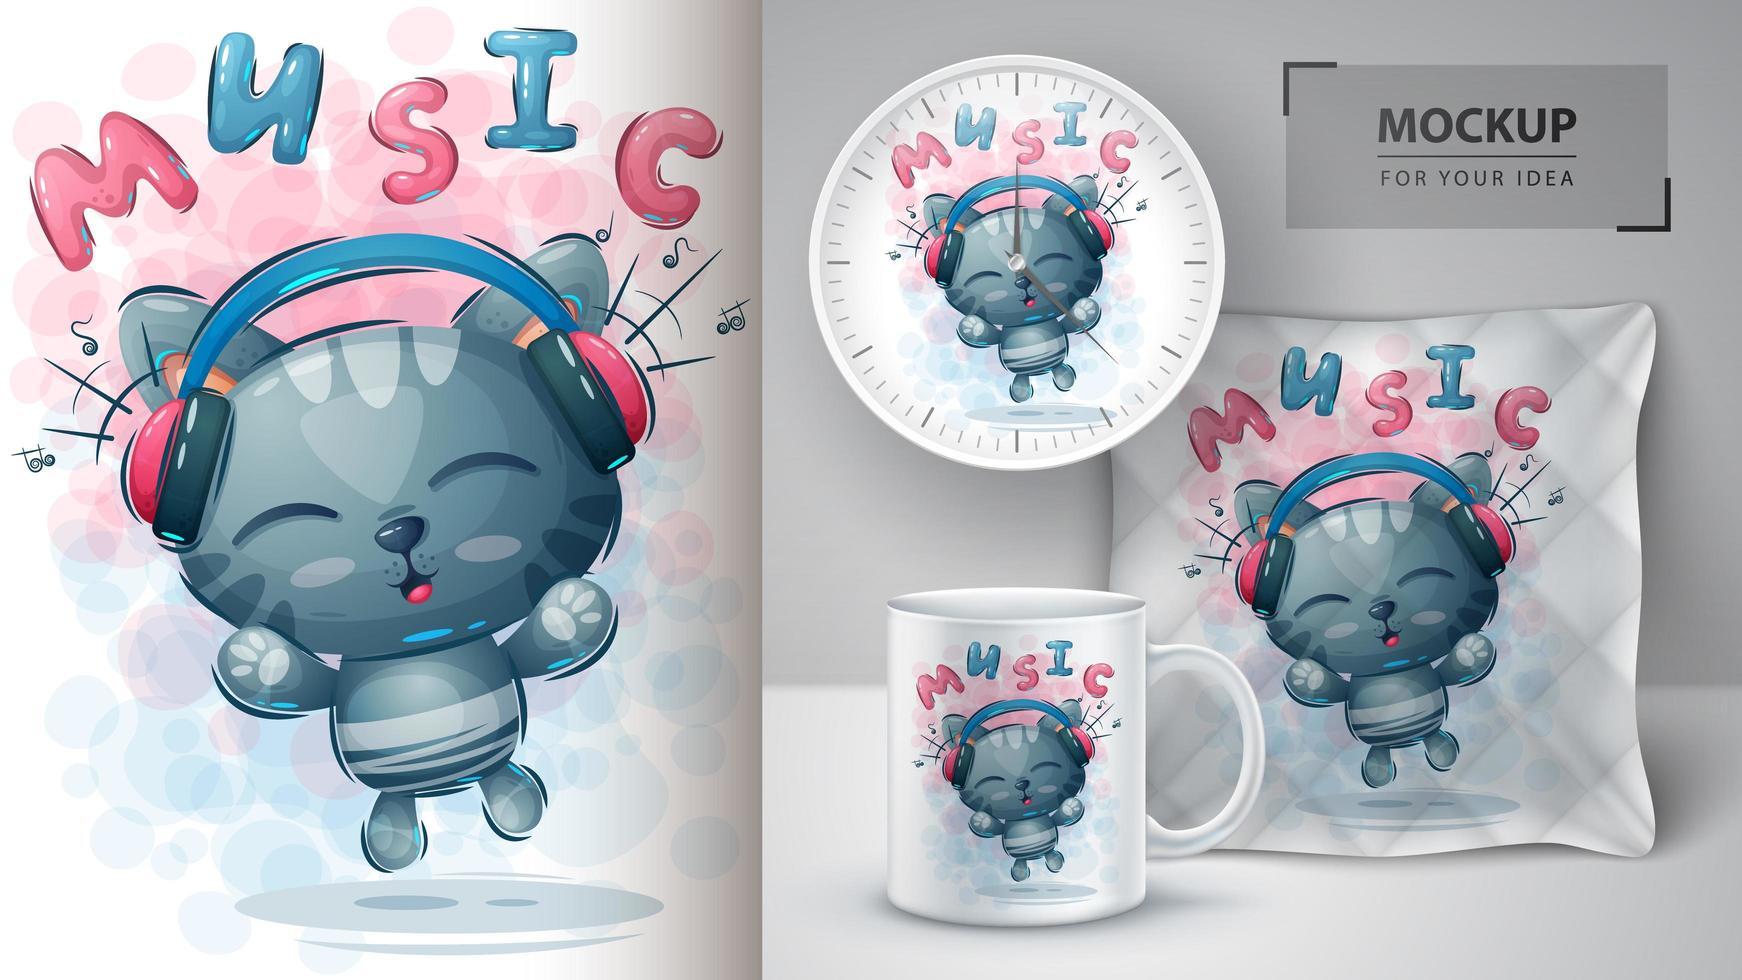 póster de música y merchandising vector